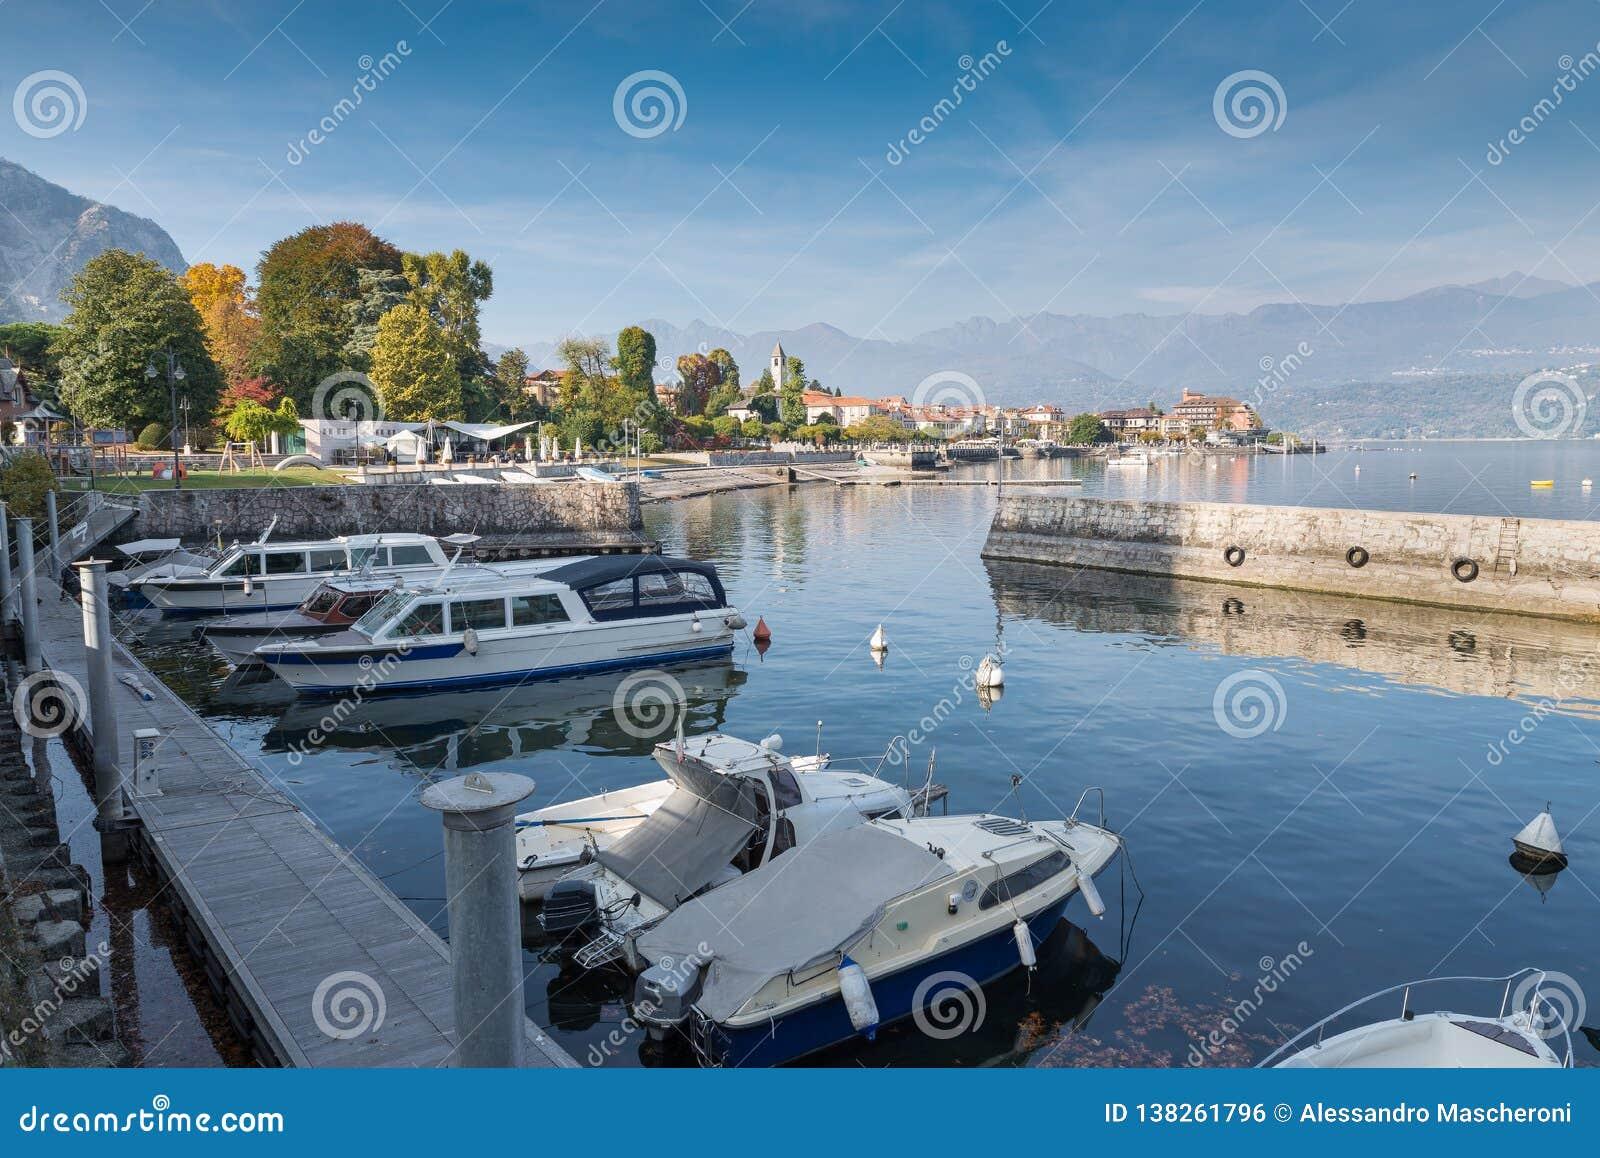 Big Italian lake. Lake Maggiore at the picturesque town of Baveno